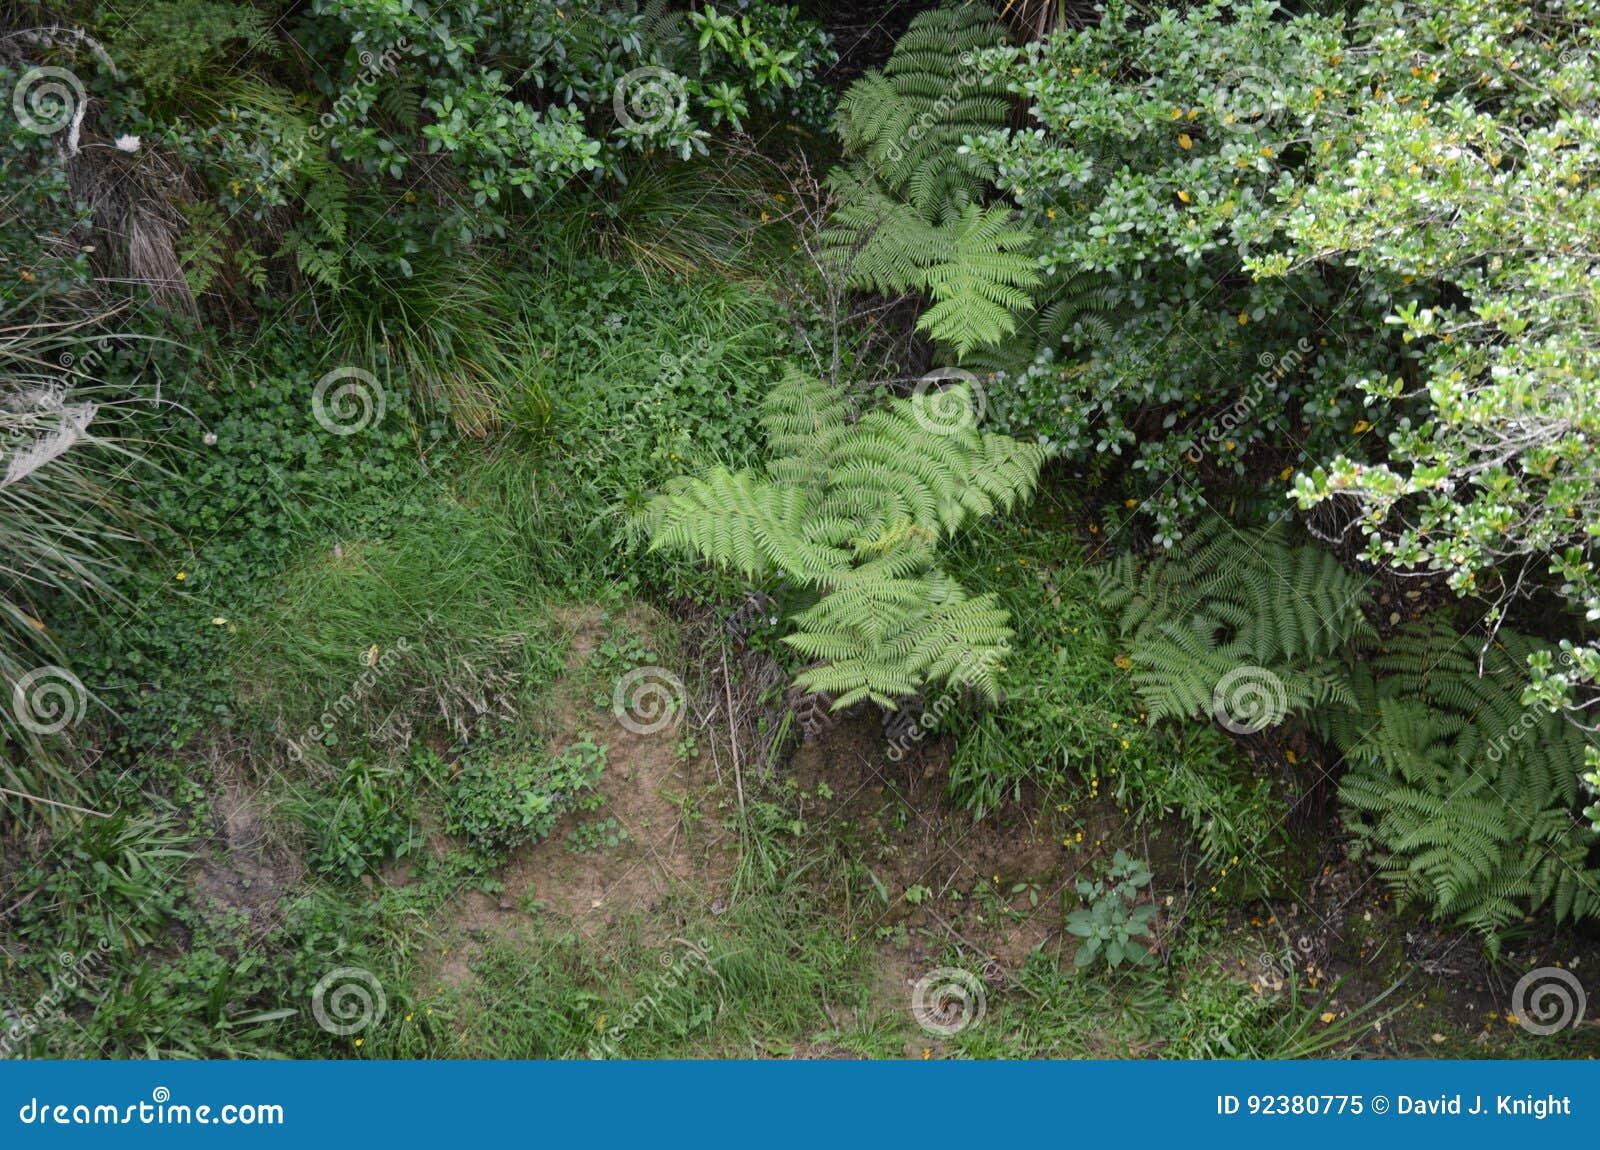 petite fougère d'arbre en kiwi bush image stock - image du petit